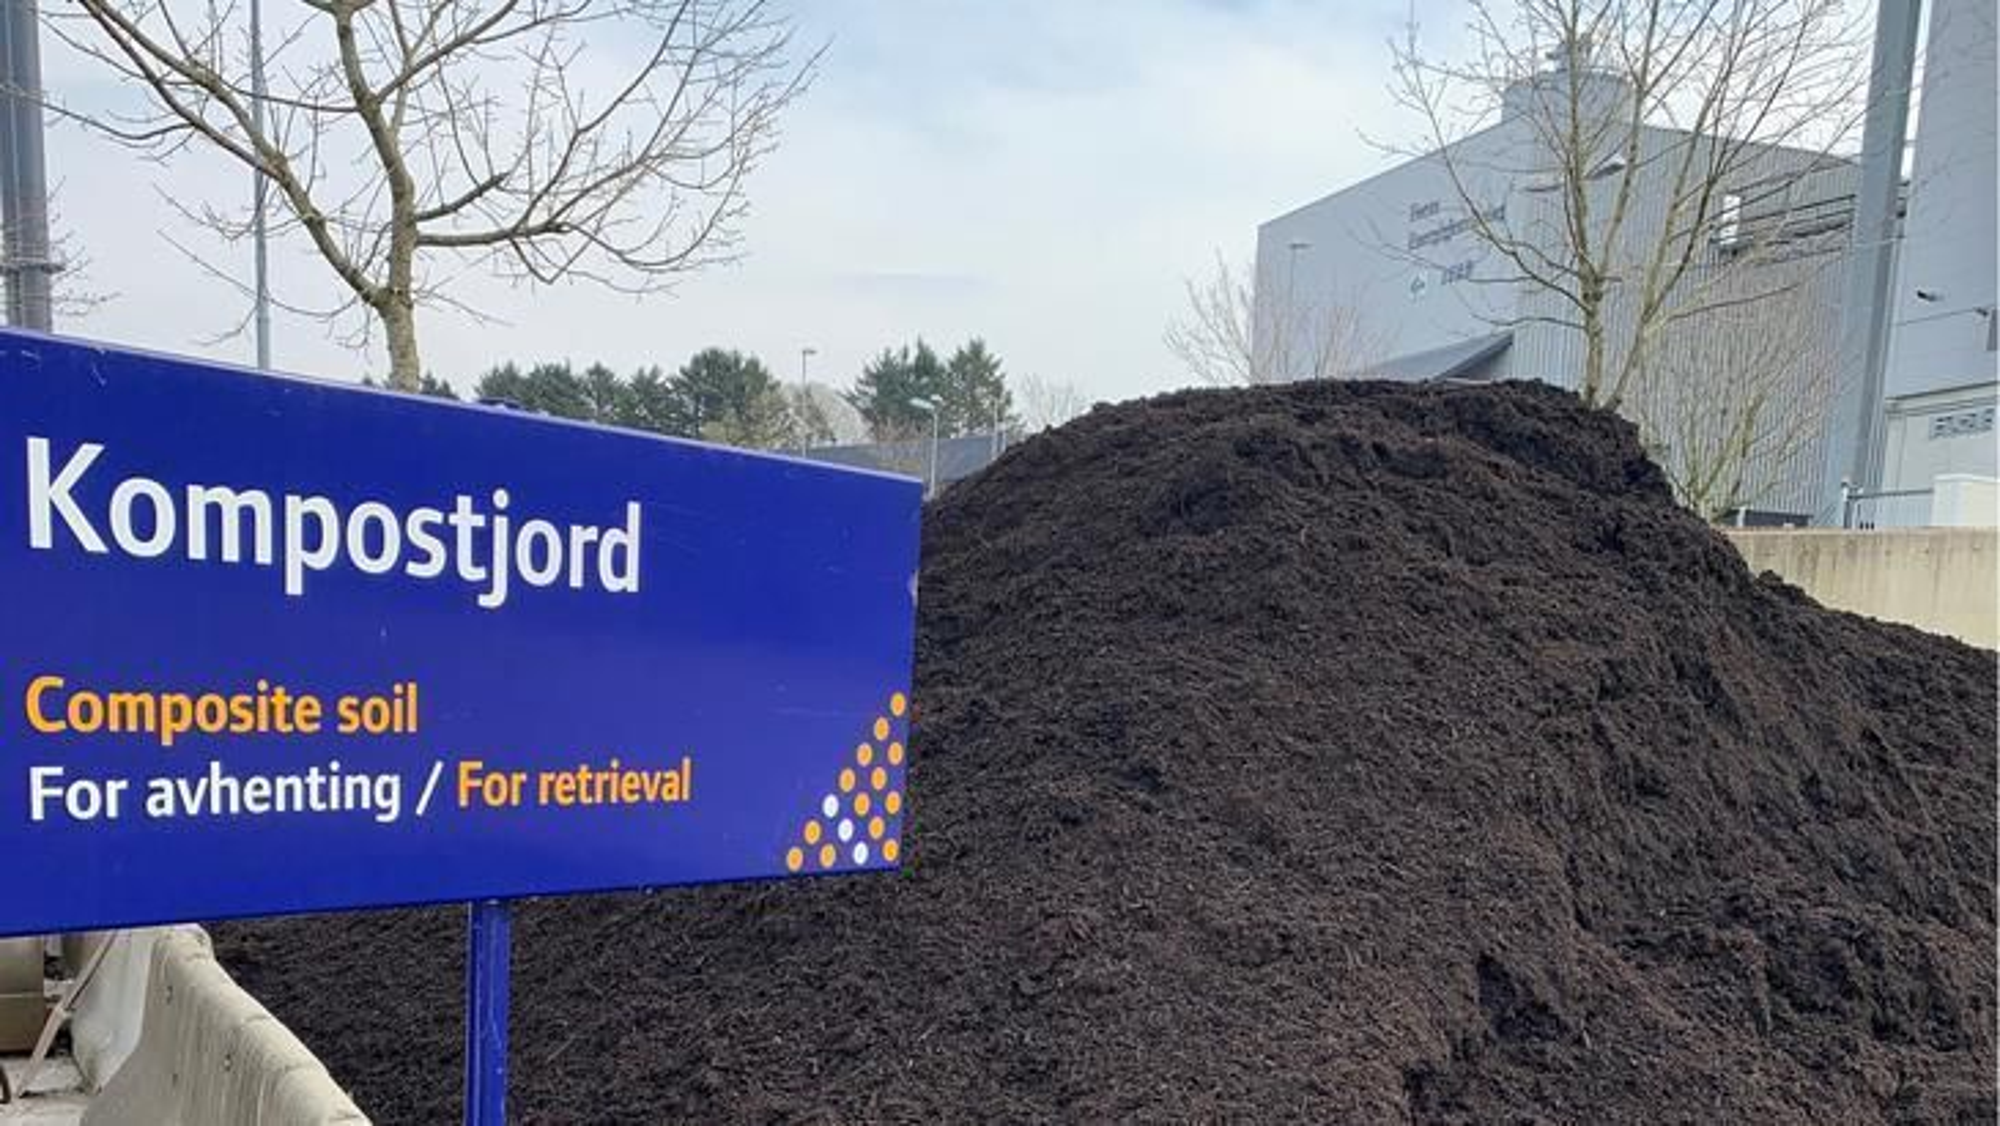 Komposteringsanlegget til IVAR på Hogstad er bøtelagt, og fire personer tiltalt for brudd på forurensningsloven ettersom påbudet om at ferdig kompost skal lagres innendørs på selskapets eiendom, er brutt.